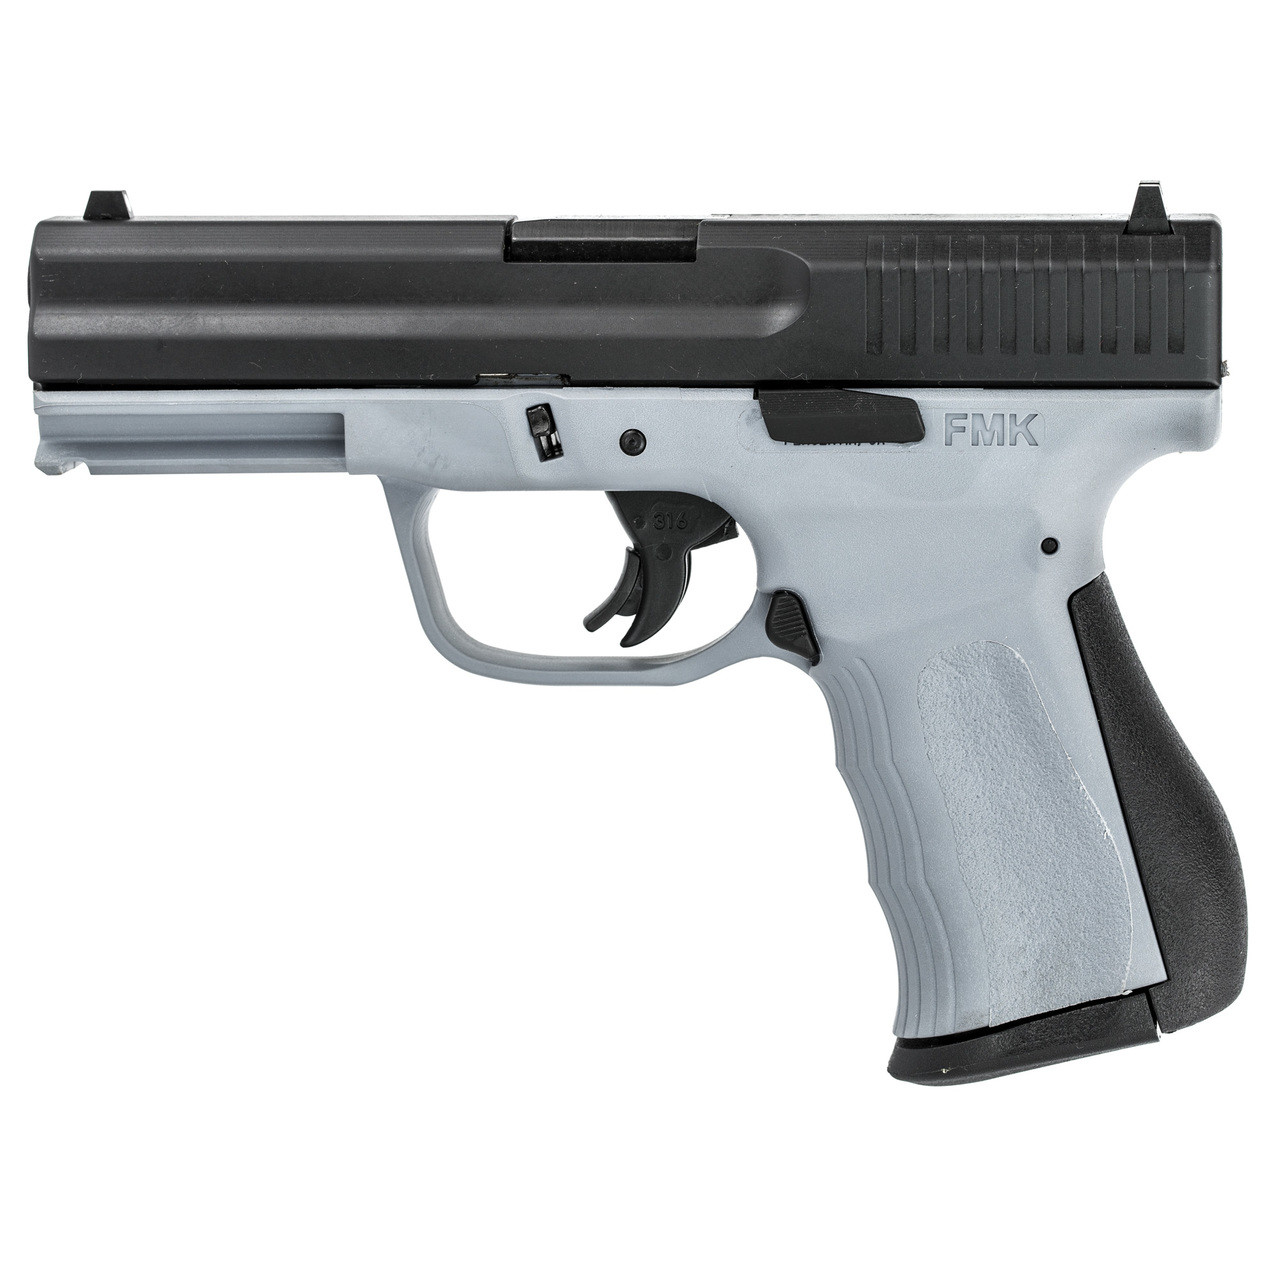 FMK Firearms 9C1 Gen 2, Striker Fired, Compact Pistol, 9MM, 4